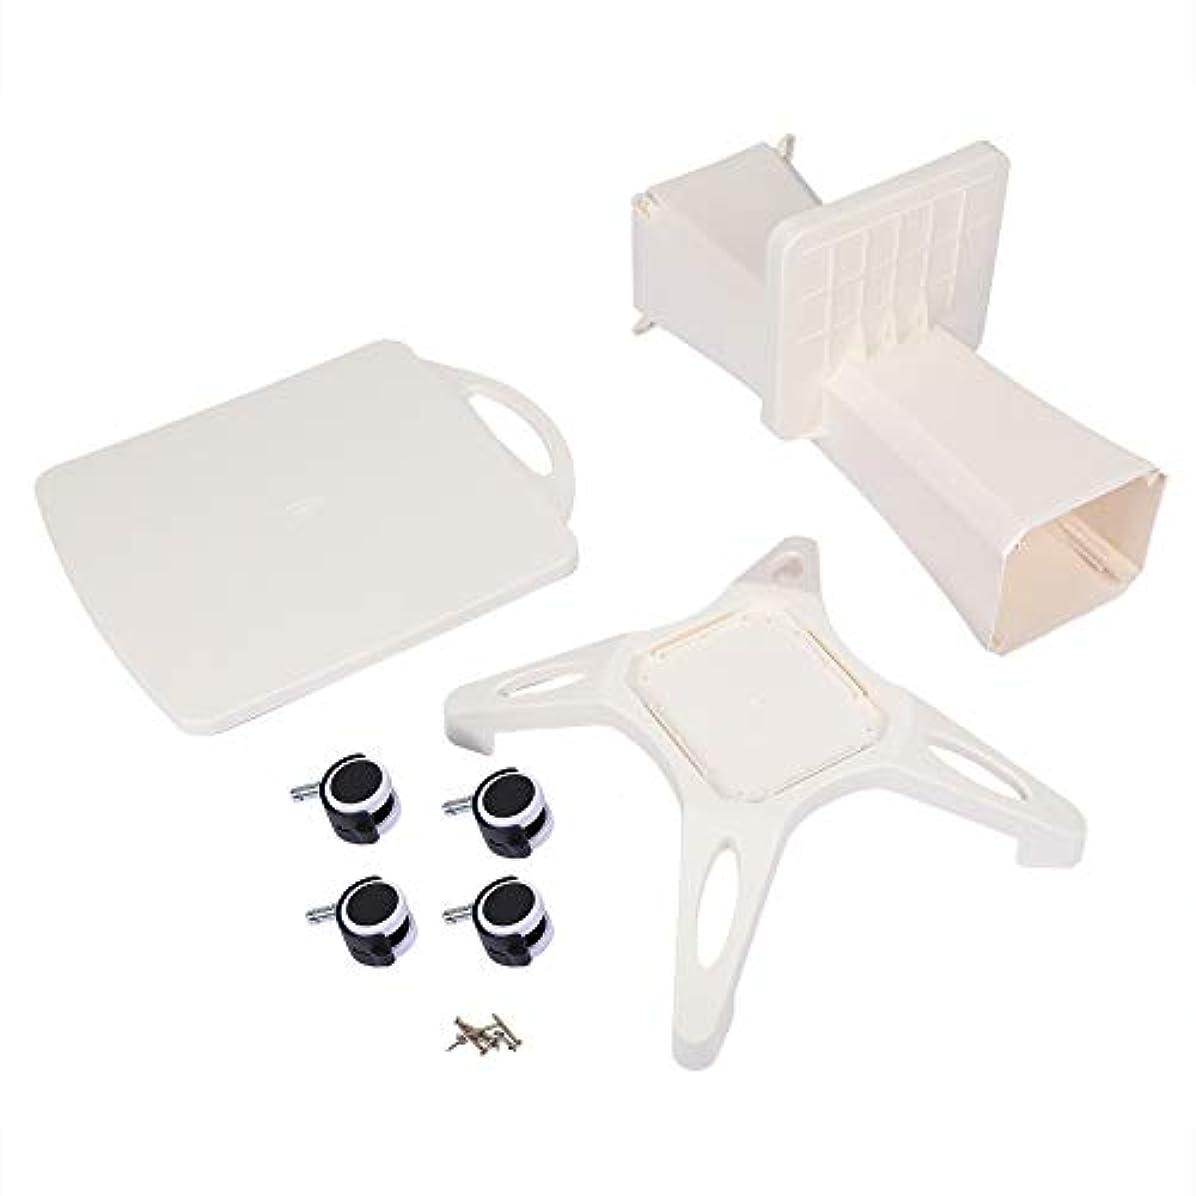 雰囲気可能にする何もない美容院のトロリー、世帯および美容院装置の使用のためのABS貯蔵の棚が付いている4つの車輪の圧延カート